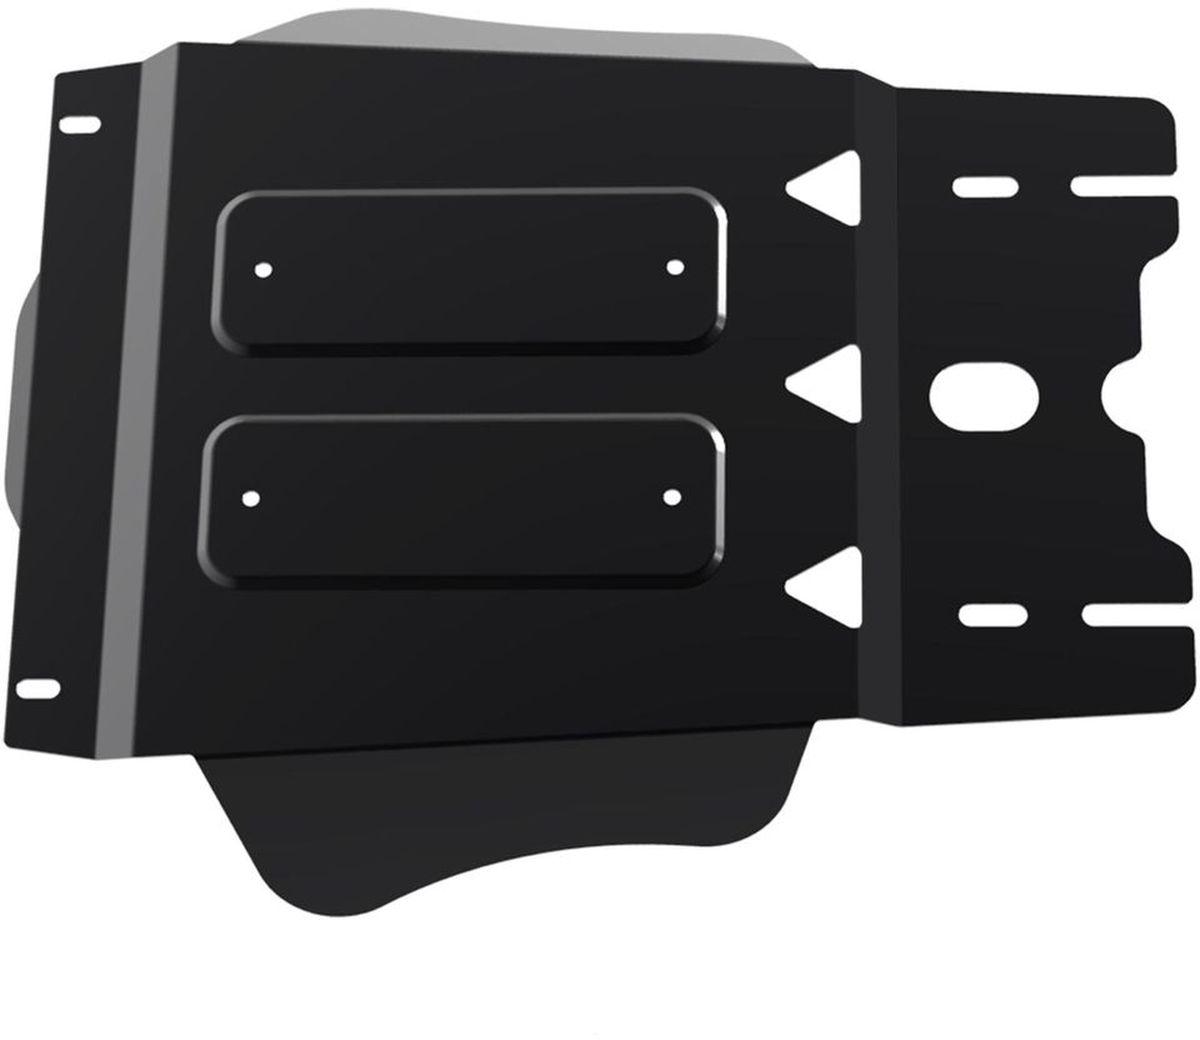 Защита КПП Автоброня, для Subaru Forester АКП, V - 2,0(2003-2008)111.05416.1Технологически совершенный продукт за невысокую стоимость. Защита разработана с учетом особенностей днища автомобиля, что позволяет сохранить дорожный просвет с минимальным изменением. Защита устанавливается в штатные места кузова автомобиля. Глубокий штамп обеспечивает до двух раз больше жесткости в сравнении с обычной защитой той же толщины. Проштампованные ребра жесткости препятствуют деформации защиты при ударах. Тепловой зазор и вентиляционные отверстия обеспечивают сохранение температурного режима двигателя в норме. Скрытый крепеж предотвращает срыв крепежных элементов при наезде на препятствие. Шумопоглощающие резиновые элементы обеспечивают комфортную езду без вибраций и скрежета металла, а съемные лючки для слива масла и замены фильтра - экономию средств и время. Конструкция изделия не влияет на пассивную безопасность автомобиля (при ударе защита не воздействует на деформационные зоны кузова). Со штатным крепежом. В комплекте инструкция по установке....